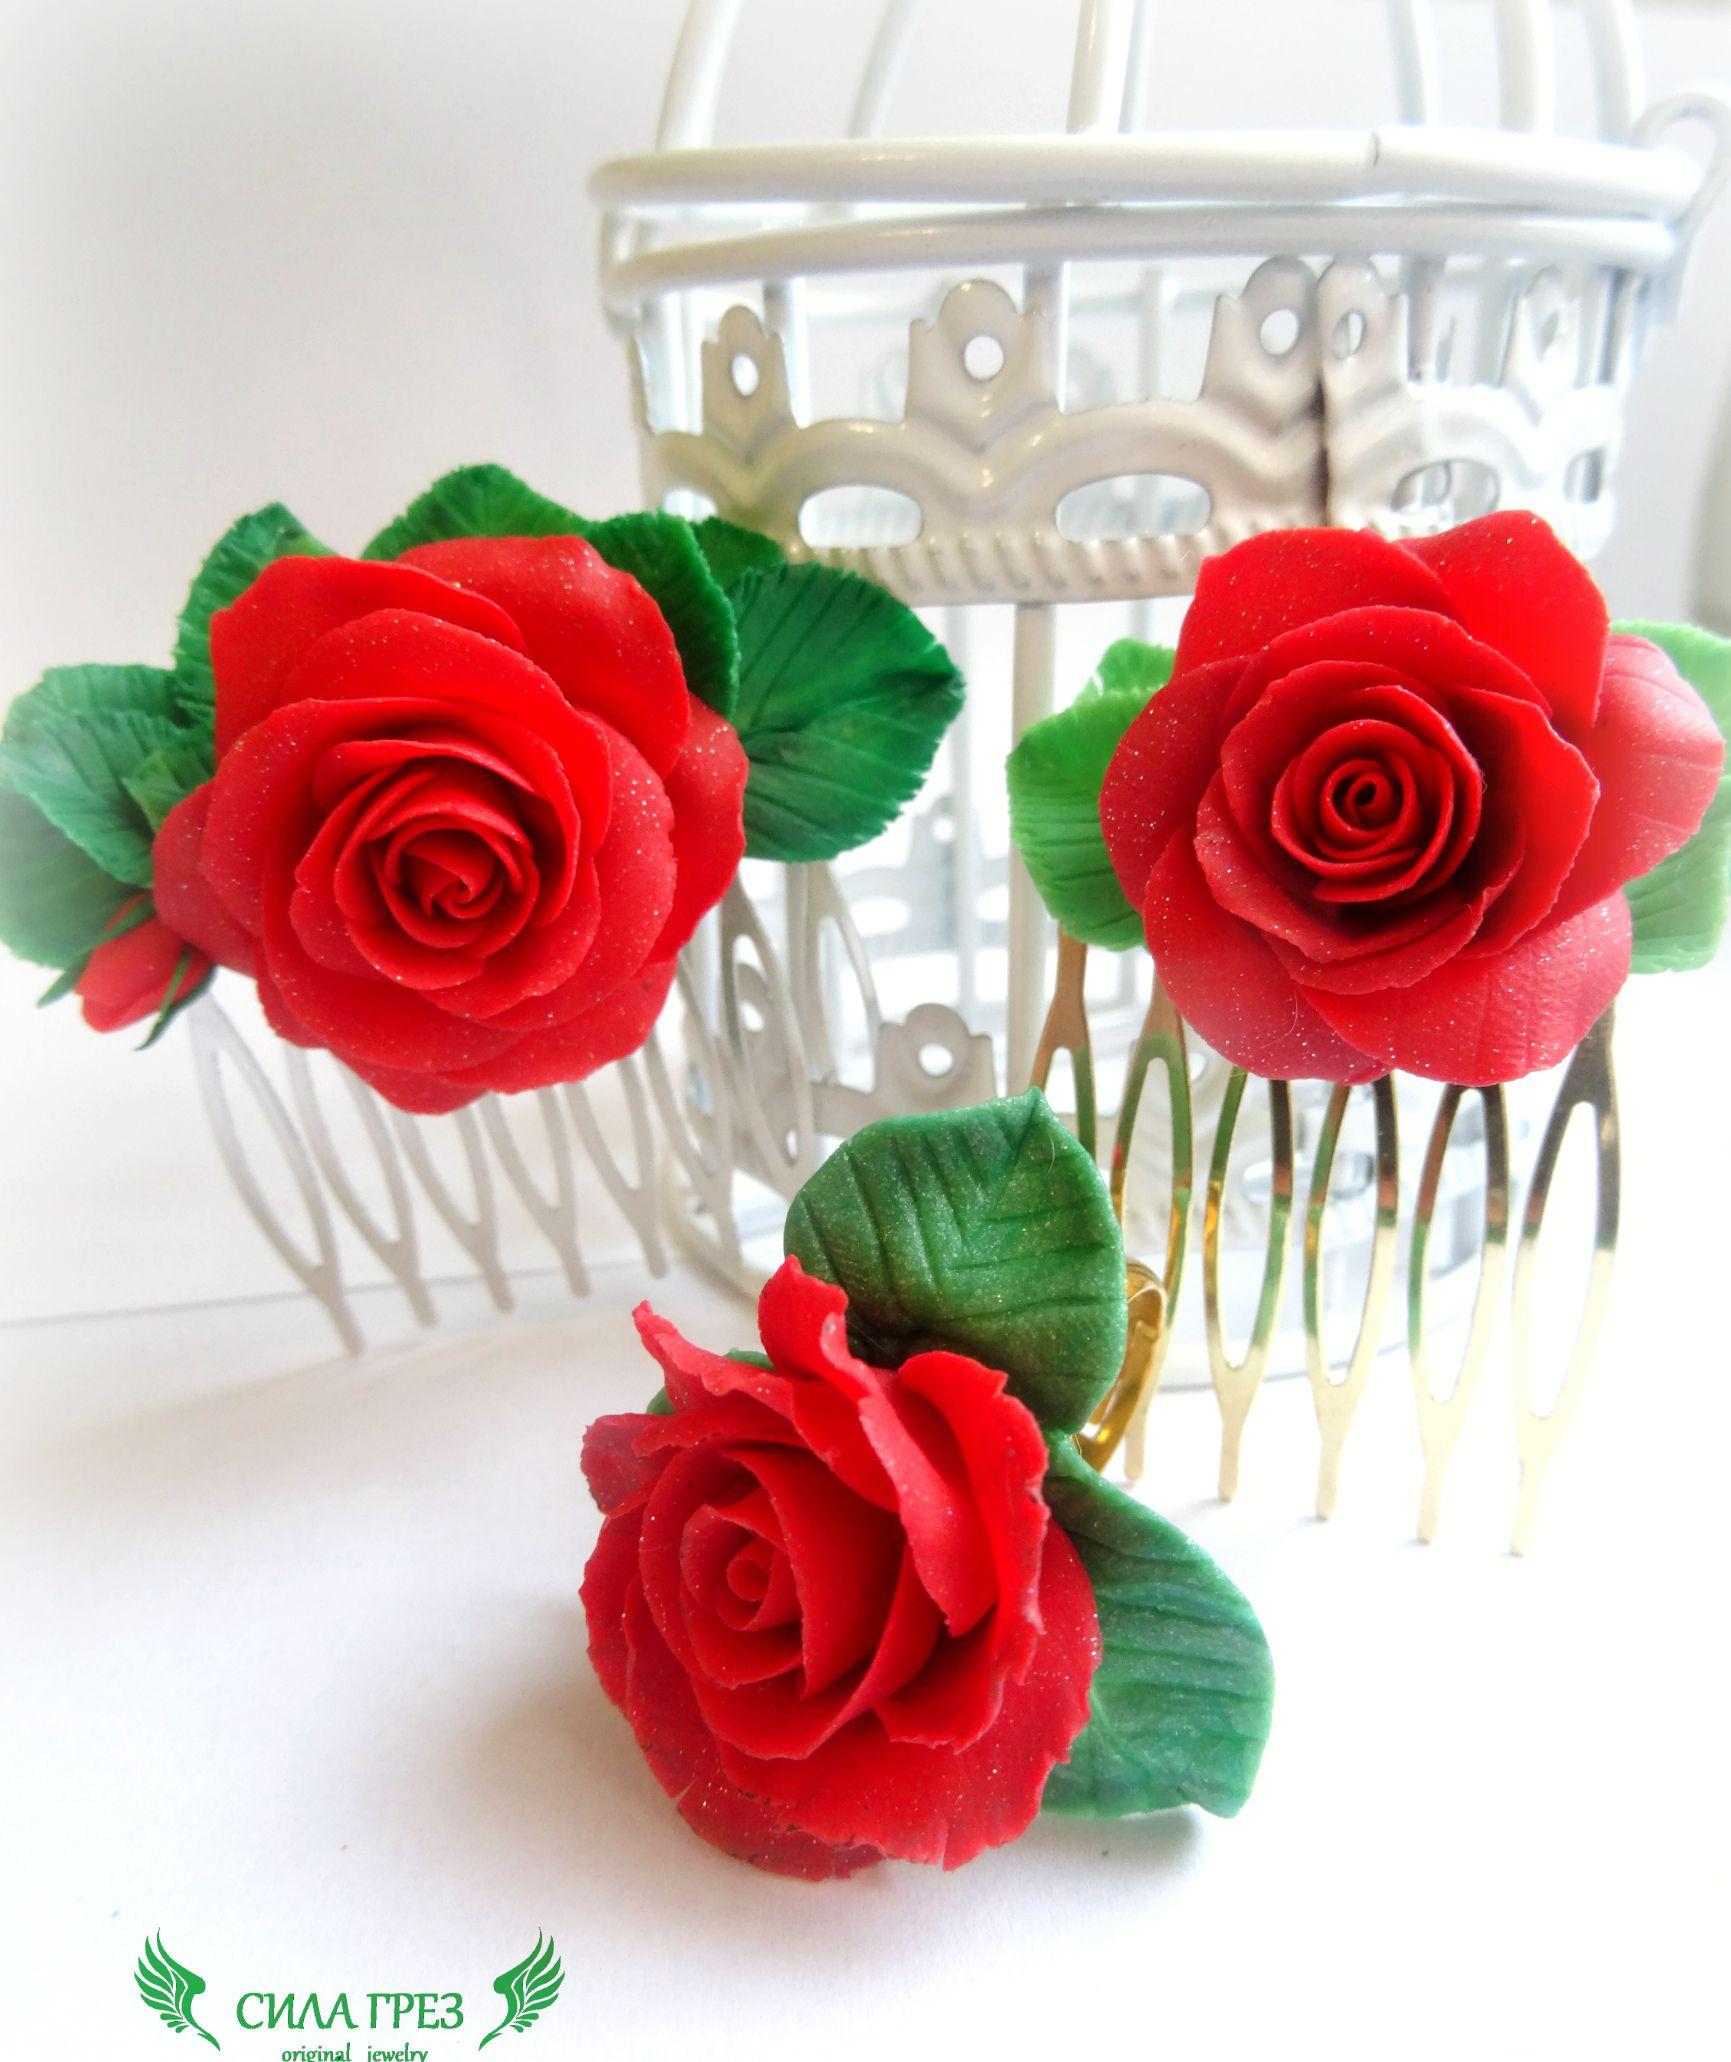 силагрез розы алый прическа для волос бижутерия кольцо украшение гребень цветы подарок